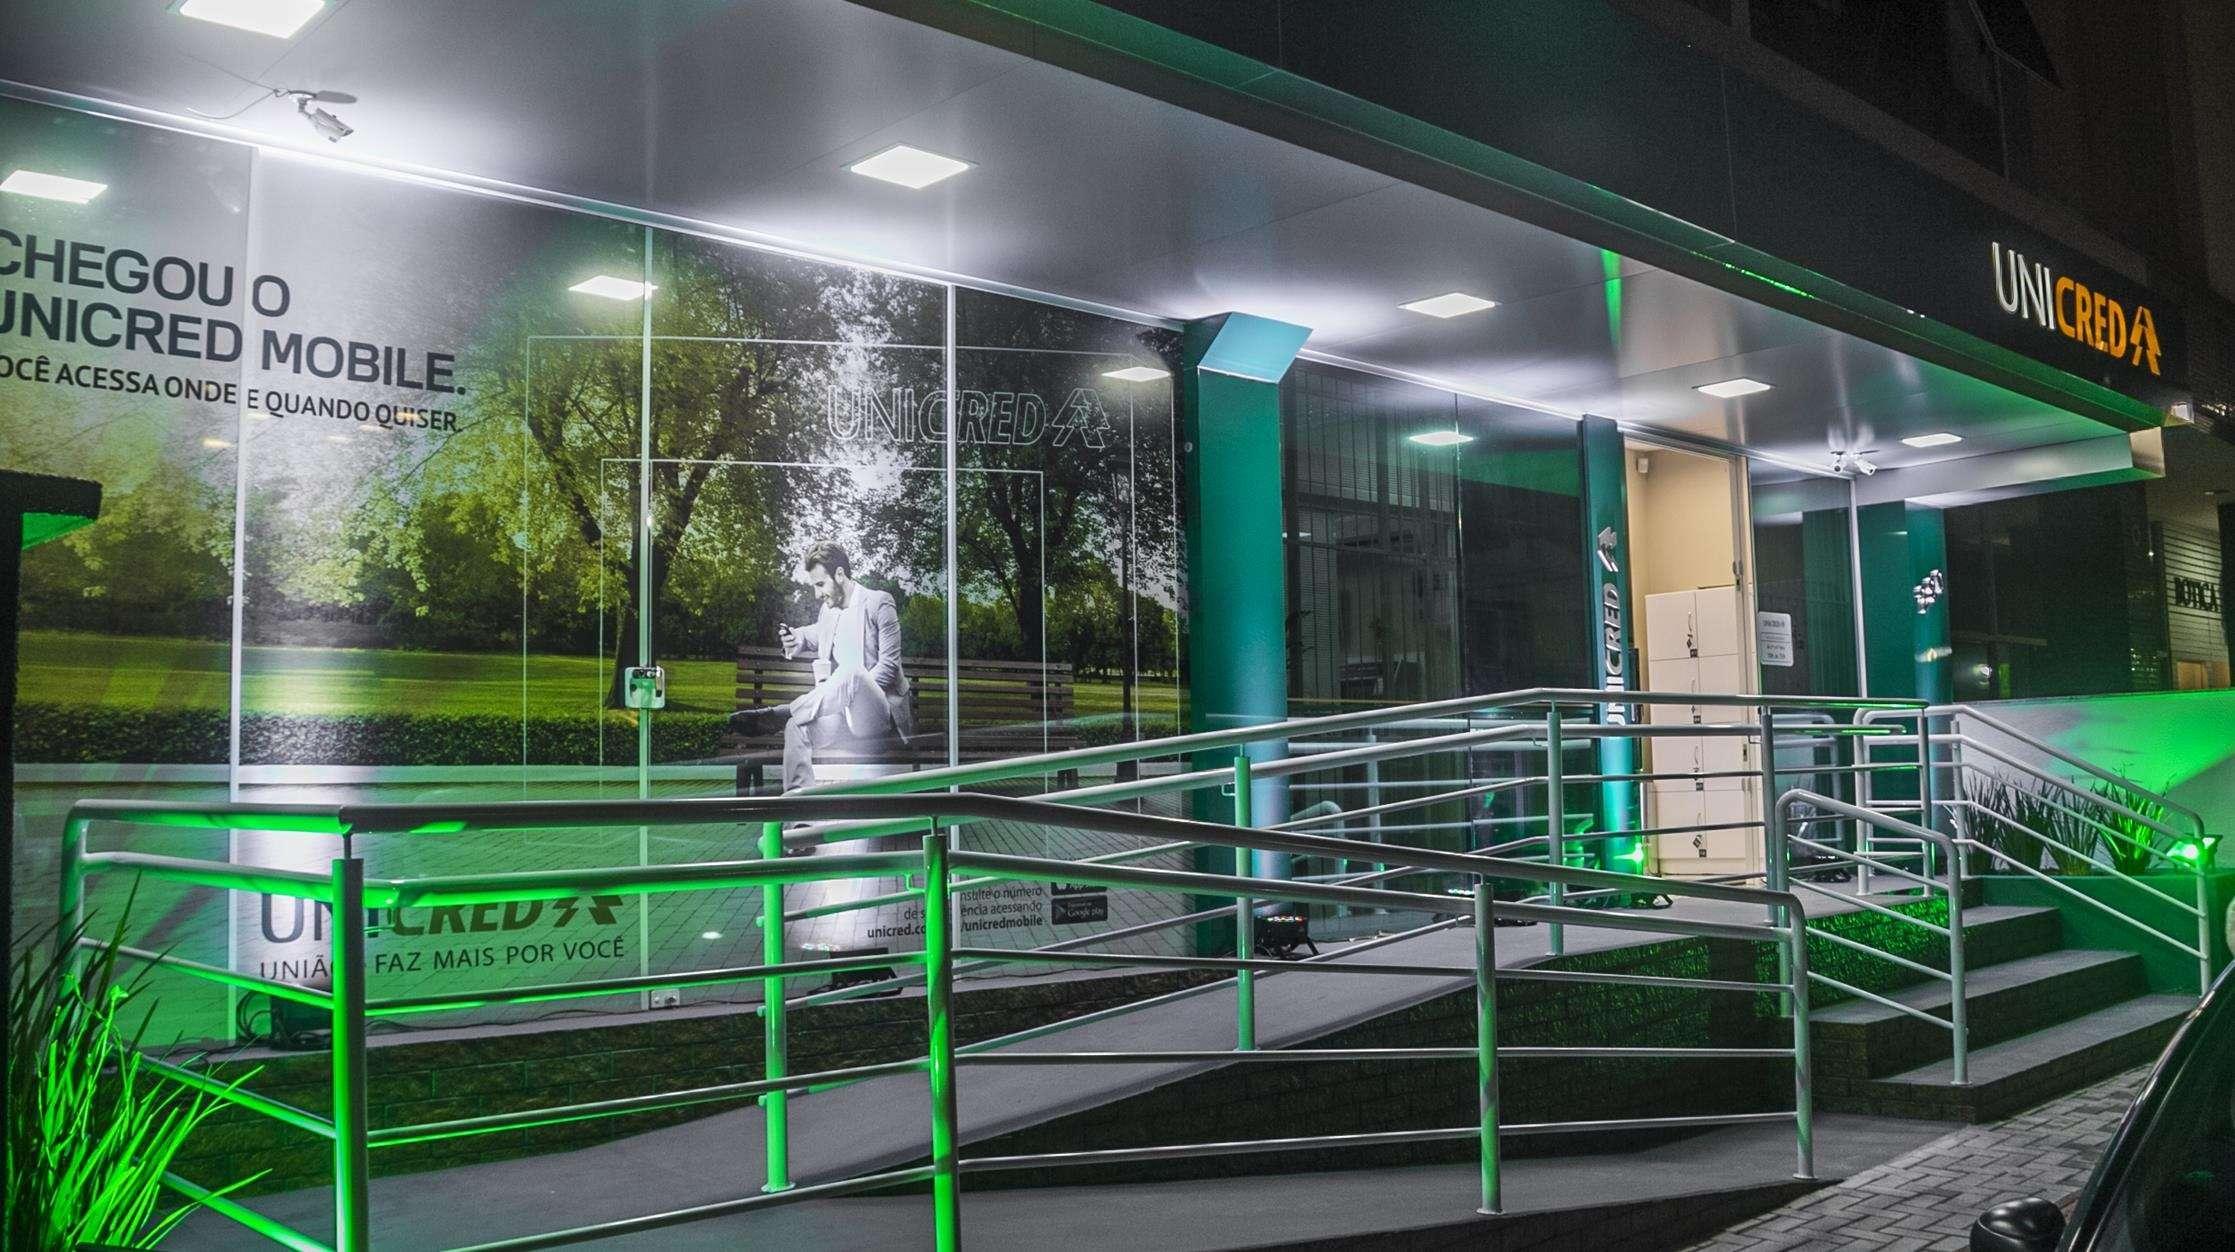 Nova agência daUnicredUnião inaugura em BC 4